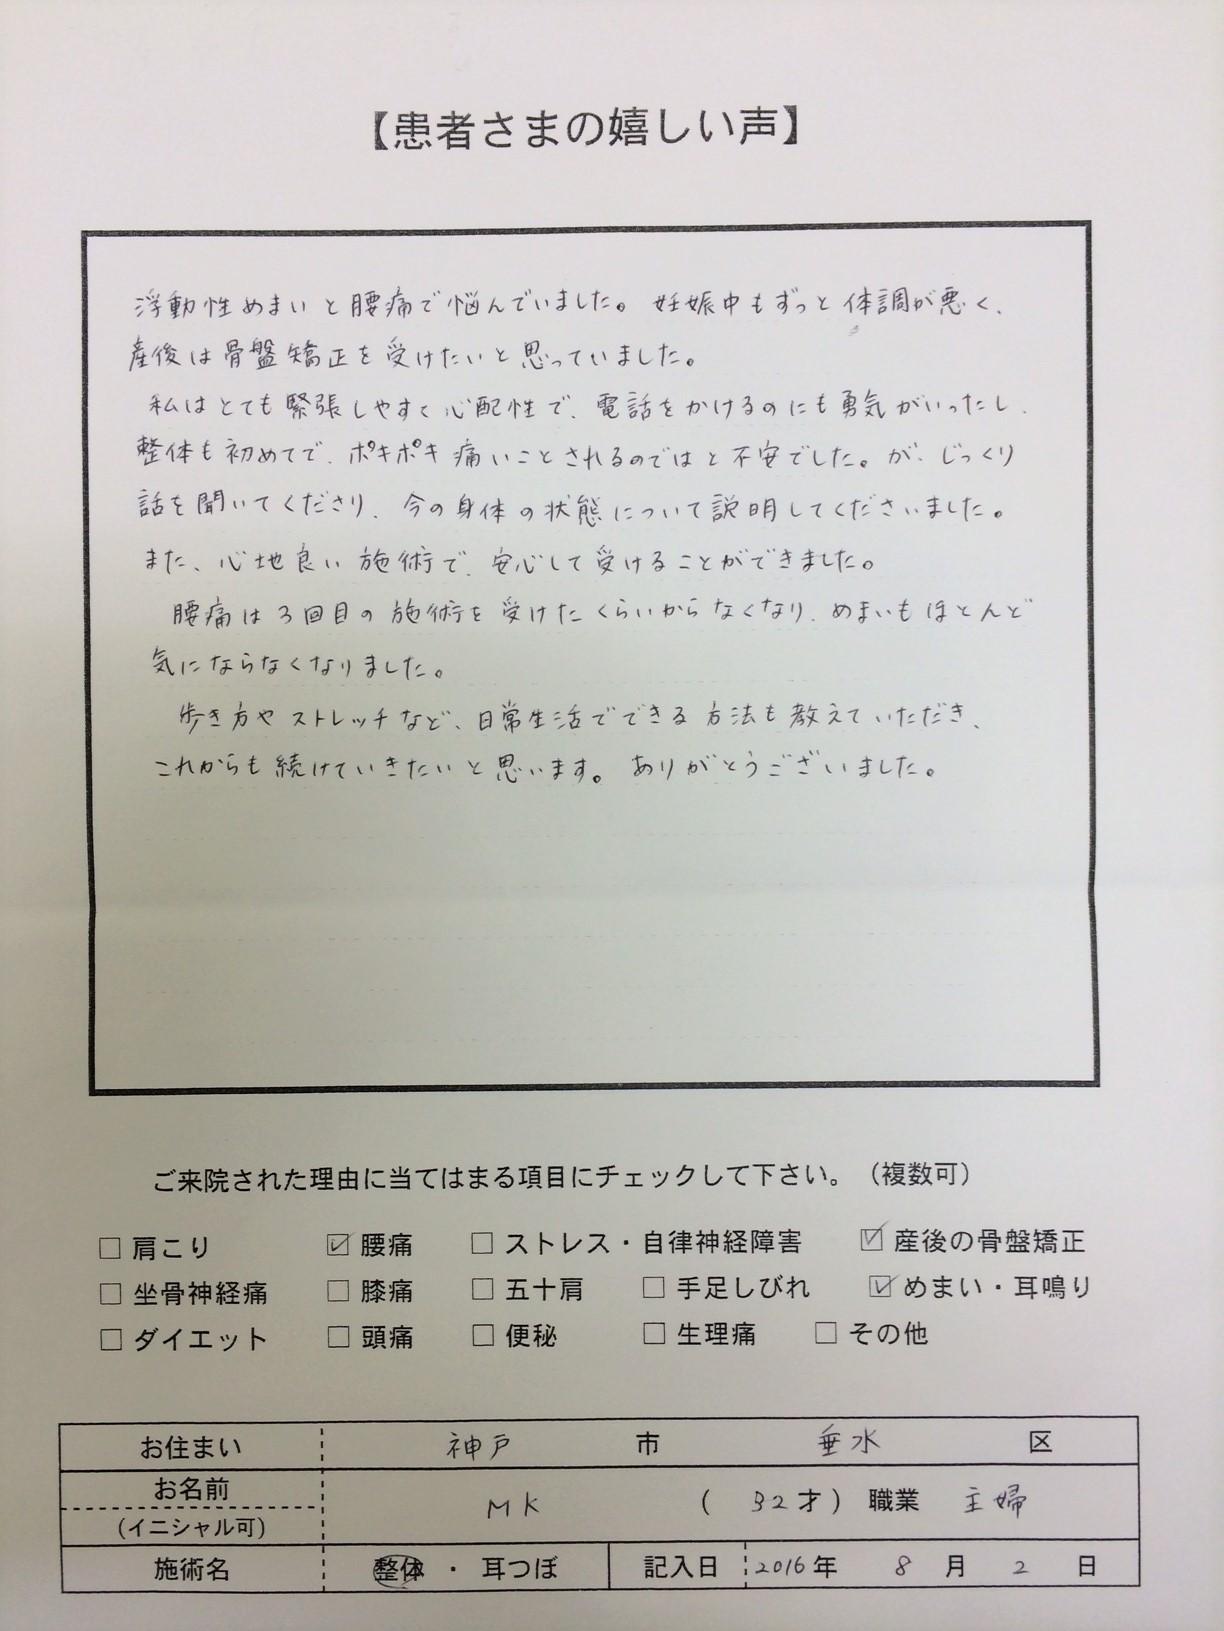 ⑬神戸市垂水区 M.K様 32才 主婦.jpg